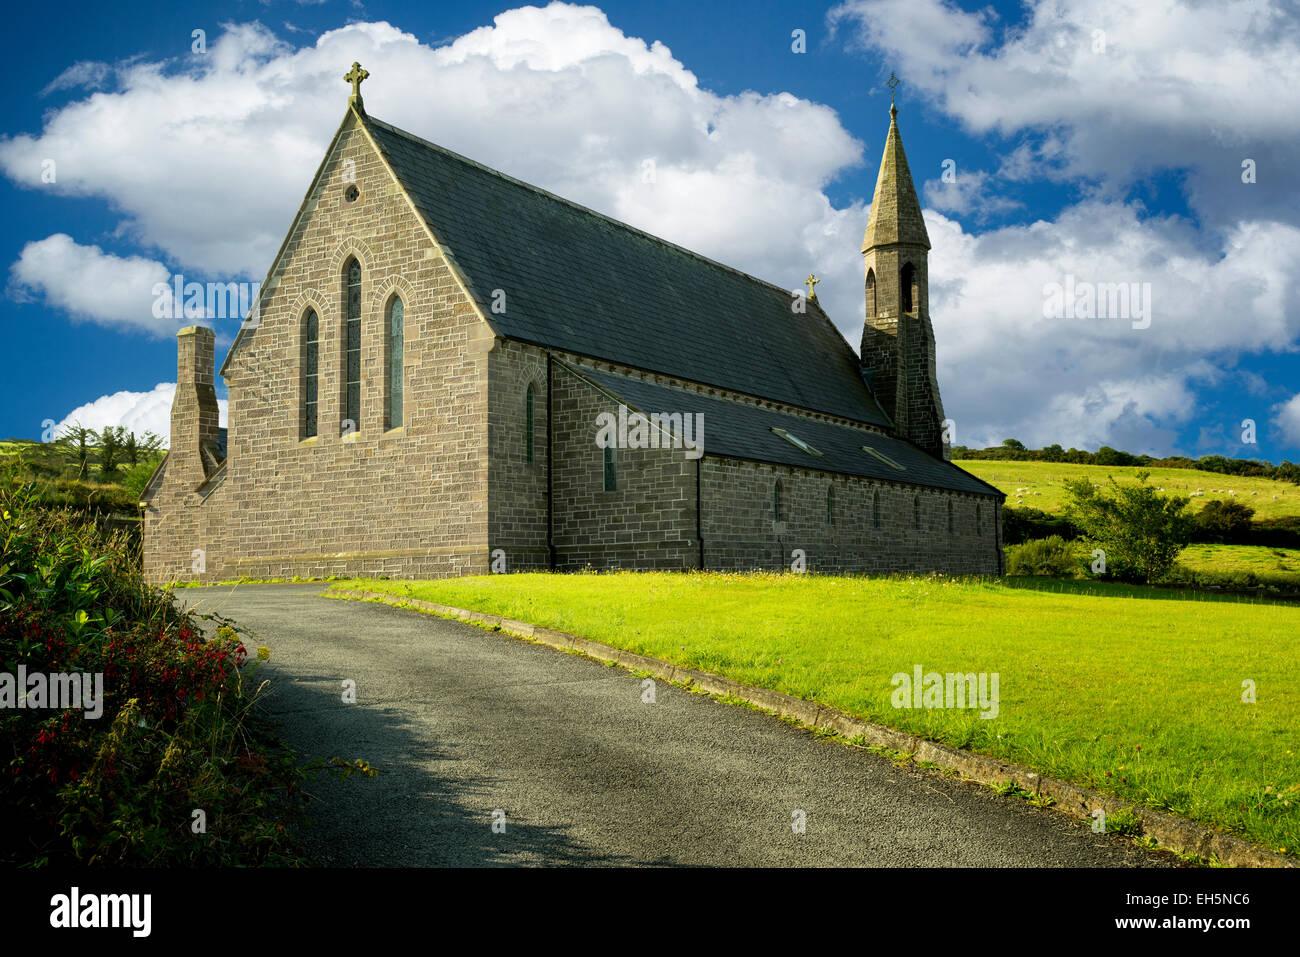 Eglise de Jean le Baptiste. L'église catholique à Dingle, Irlande Banque D'Images